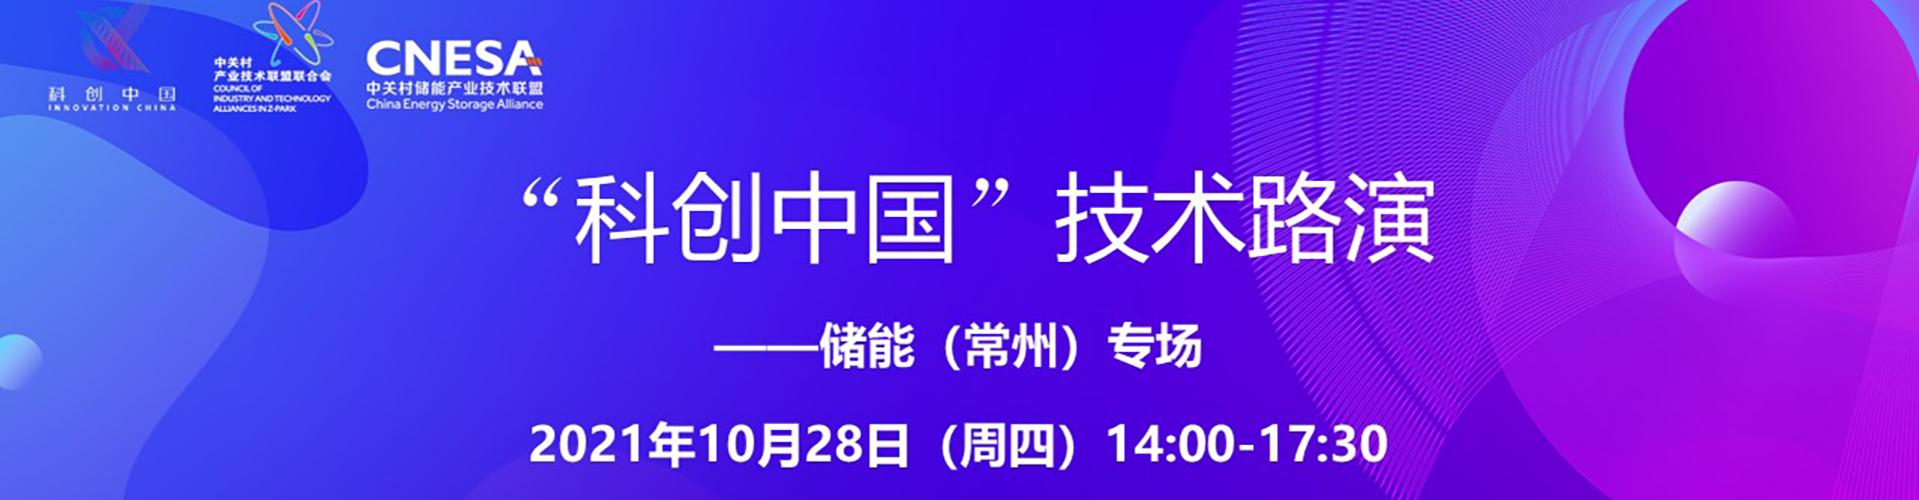 """""""科创中国""""技术路演—储能(常州)专场"""